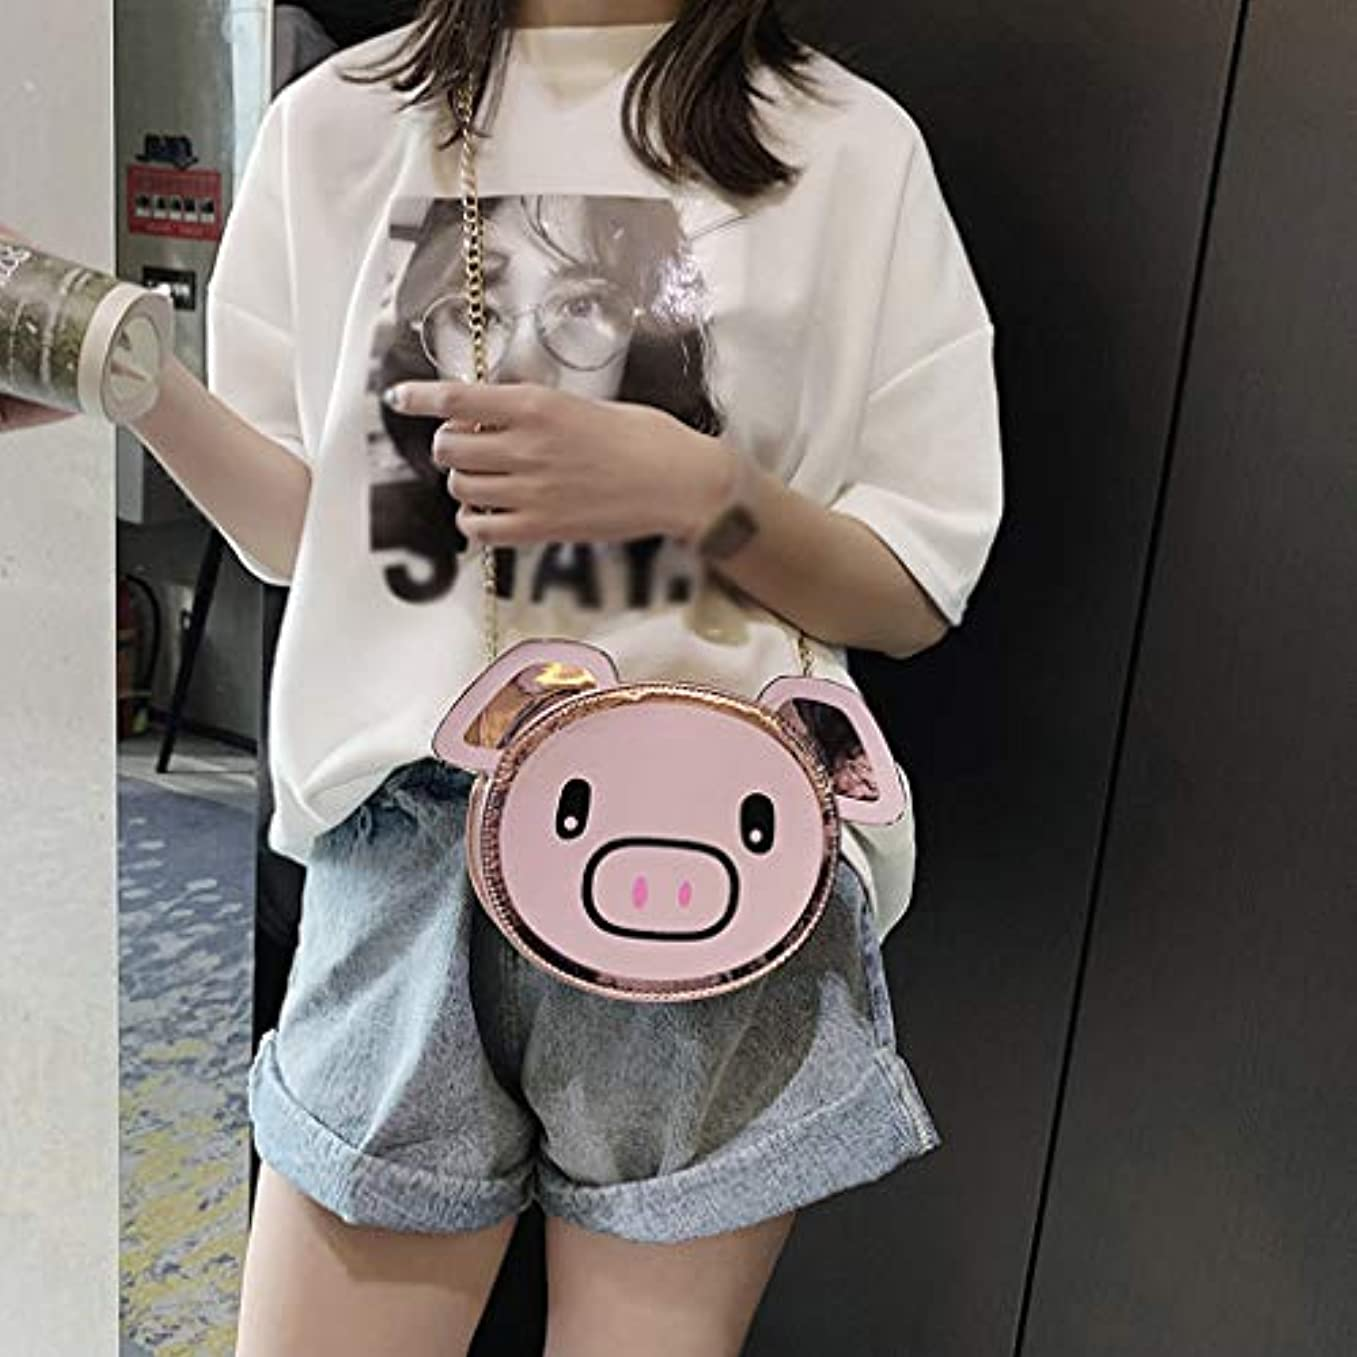 がっかりした創造谷ファッション女の子革チェーン野生のかわいい漫画豚肩メッセンジャーバッグ、女の子チェーン野生のかわいい豚肩メッセンジャーバッグ (ピンク)